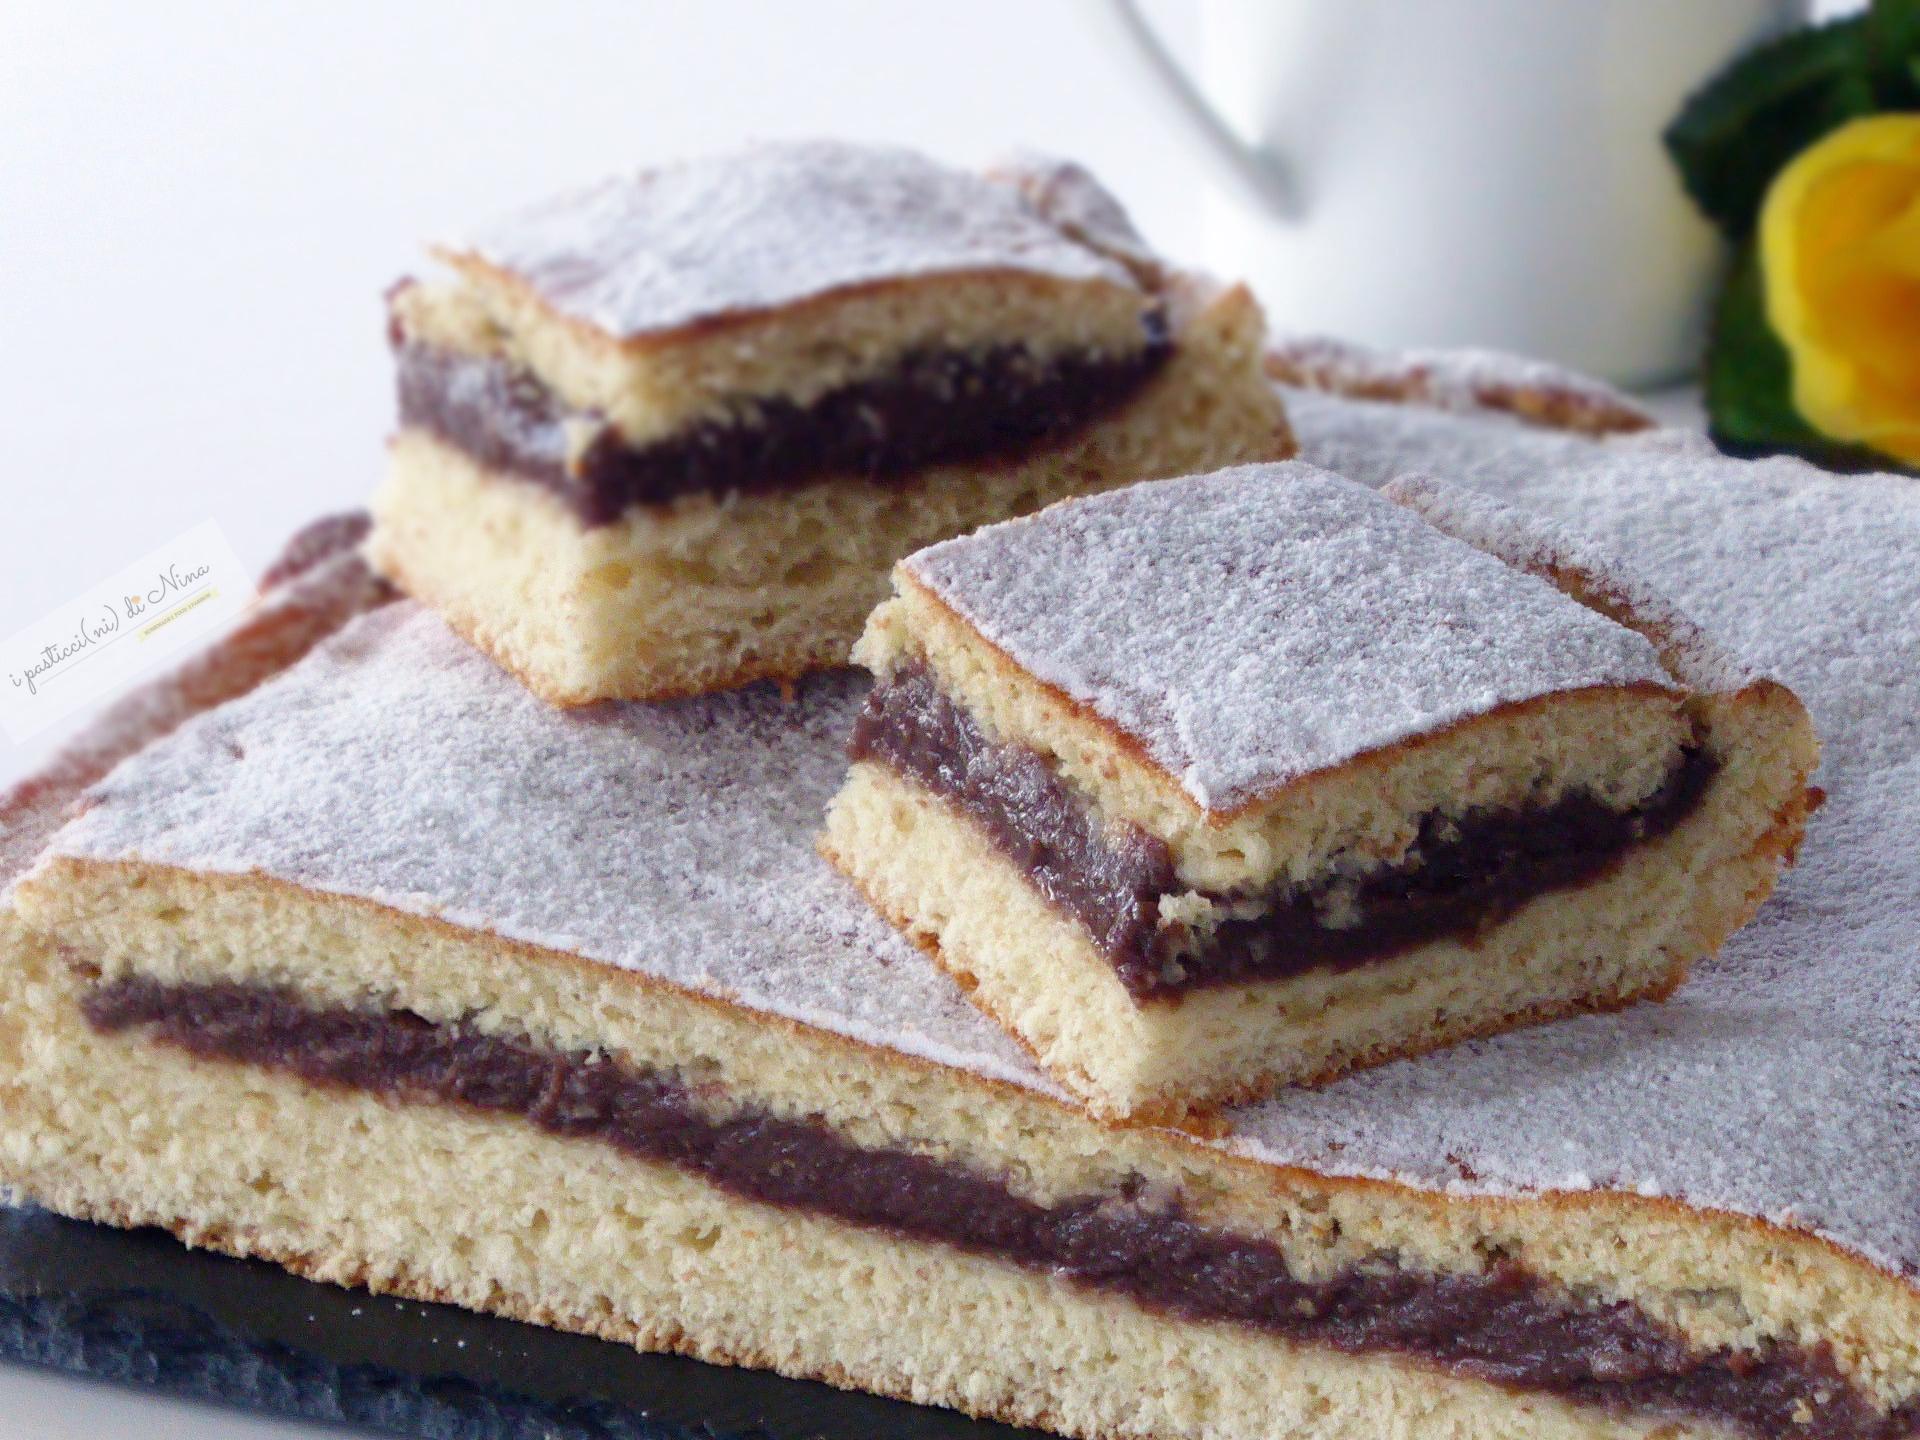 Torta brioche con crema pasticcera al cioccolato